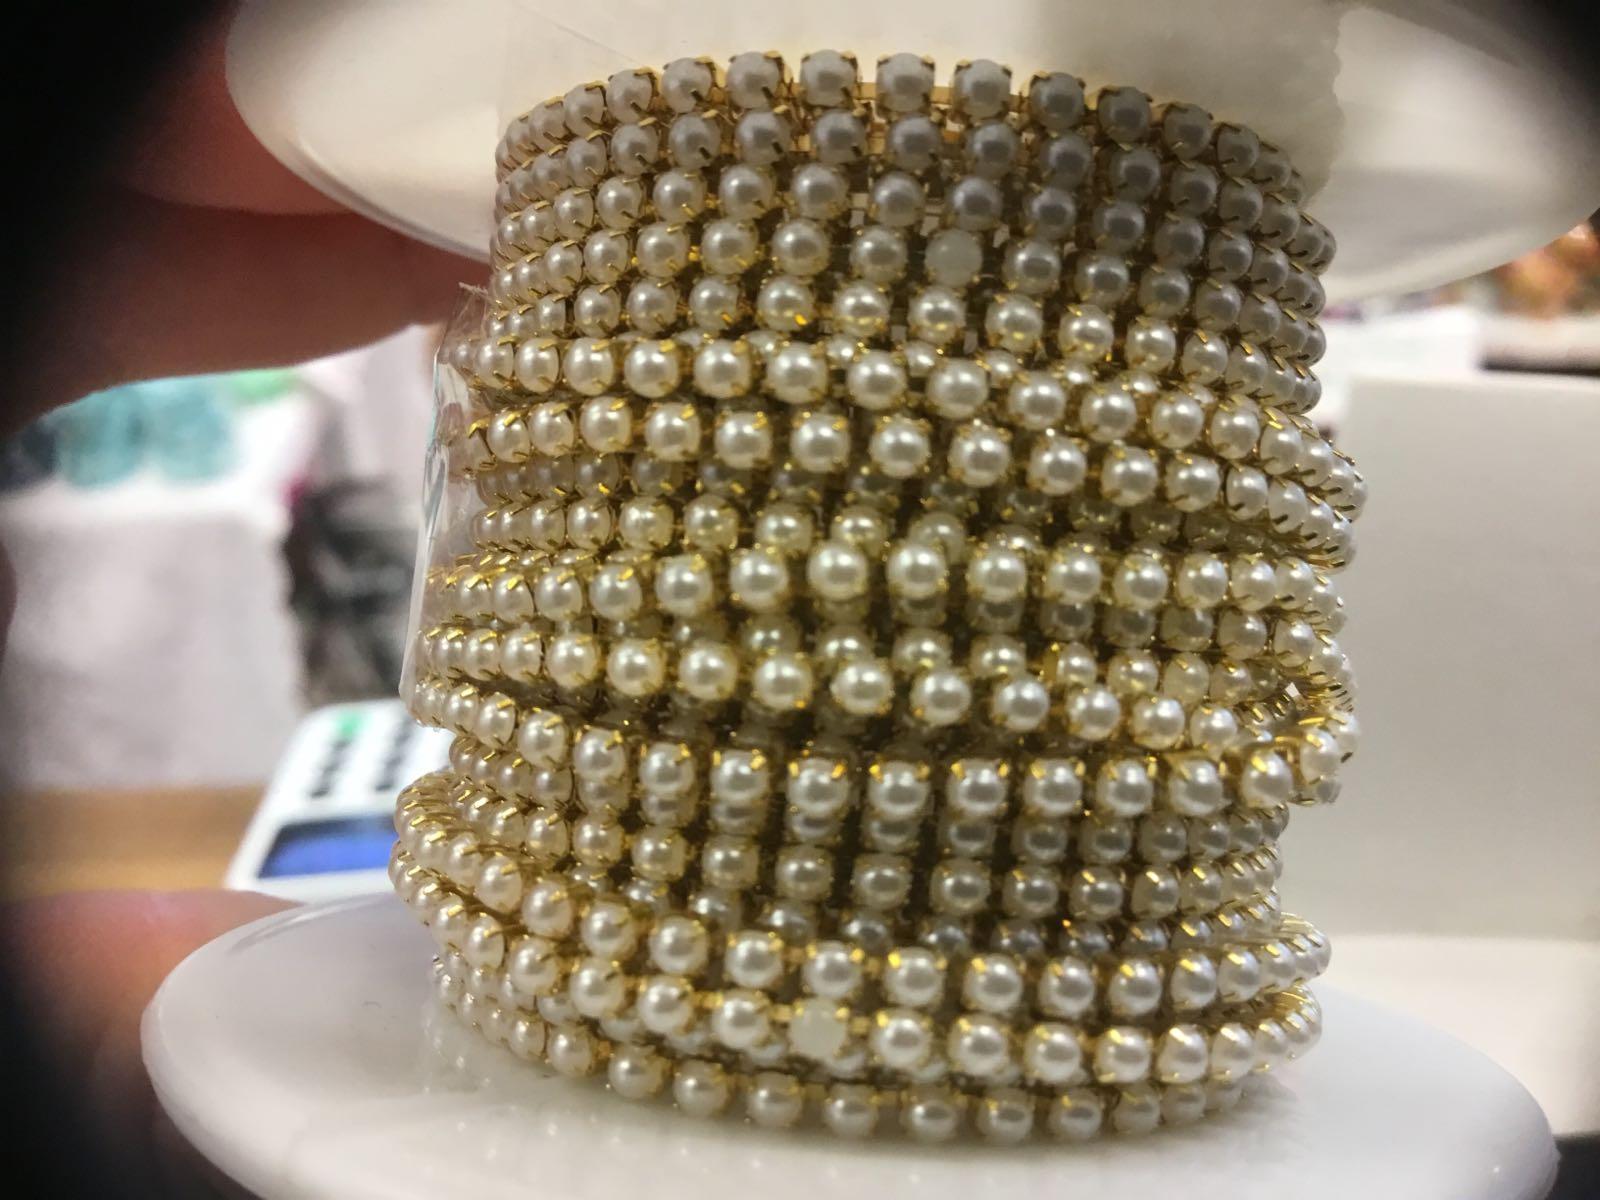 Perlebånd - Blingbånd  med gullfarget ramme og kremhvit perle  3mm bredde